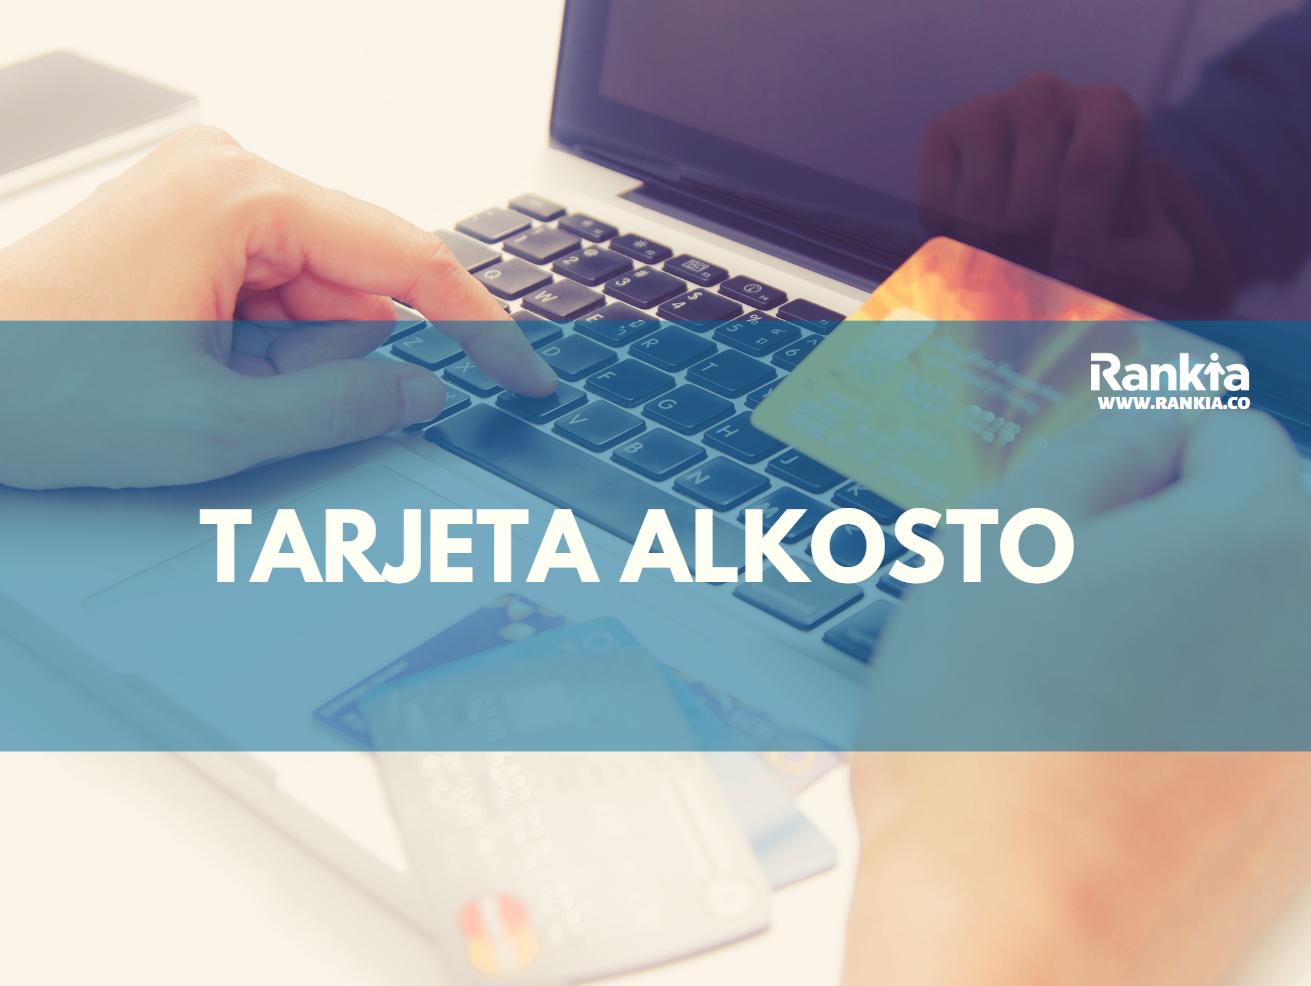 Tarjeta Alkosto: Requisitos, Beneficios y Pagos